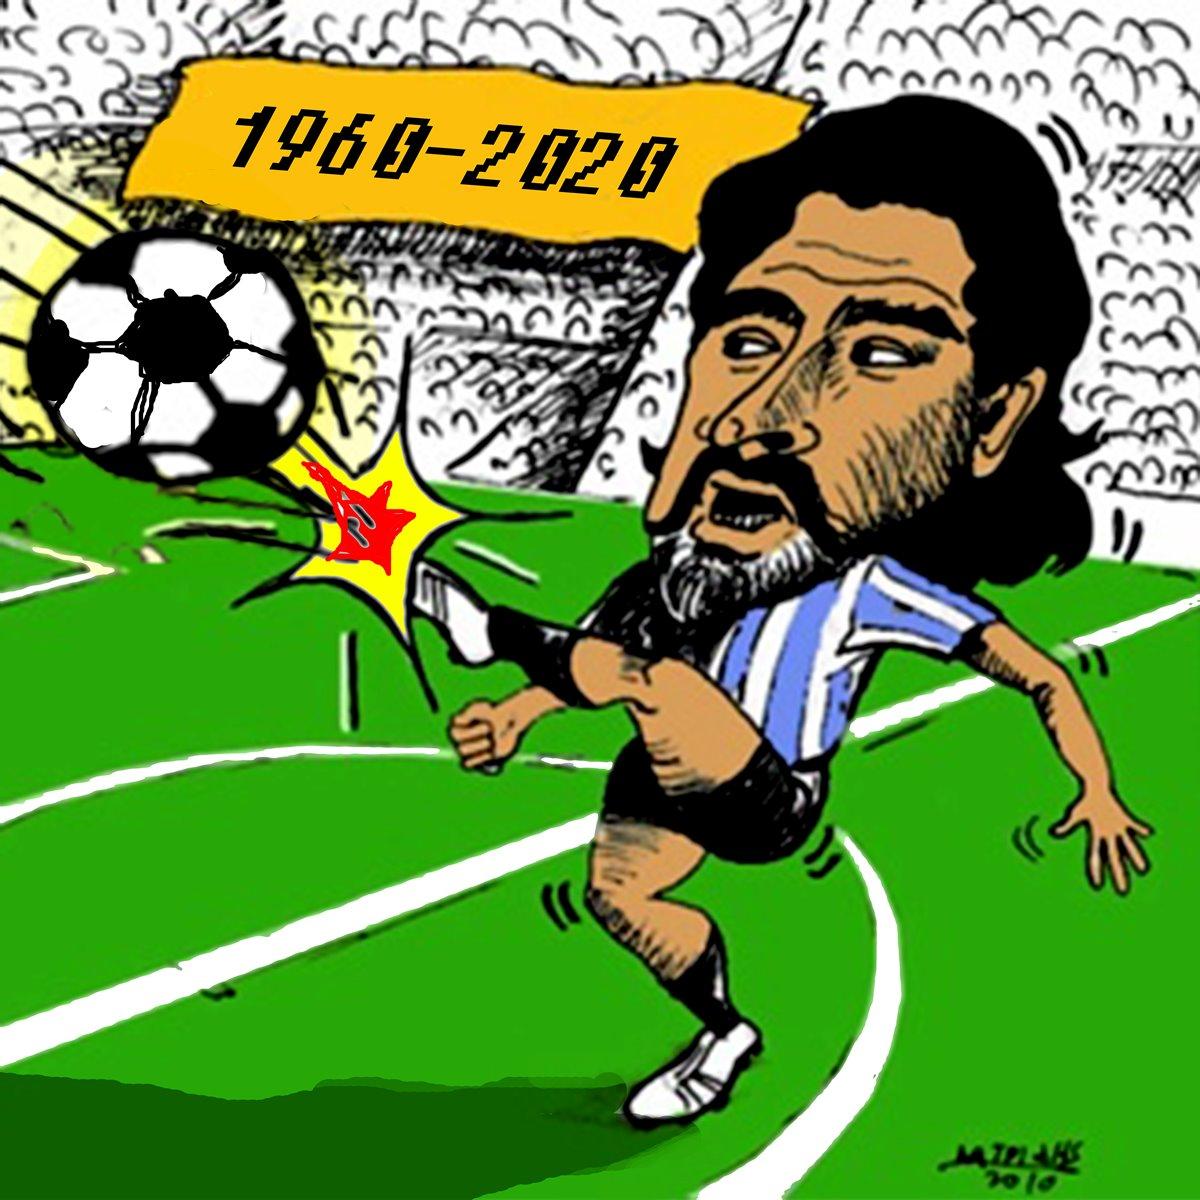 diego armando maradona thanatos argentina podosfairistis eghrwmi karikatoura myxalandri